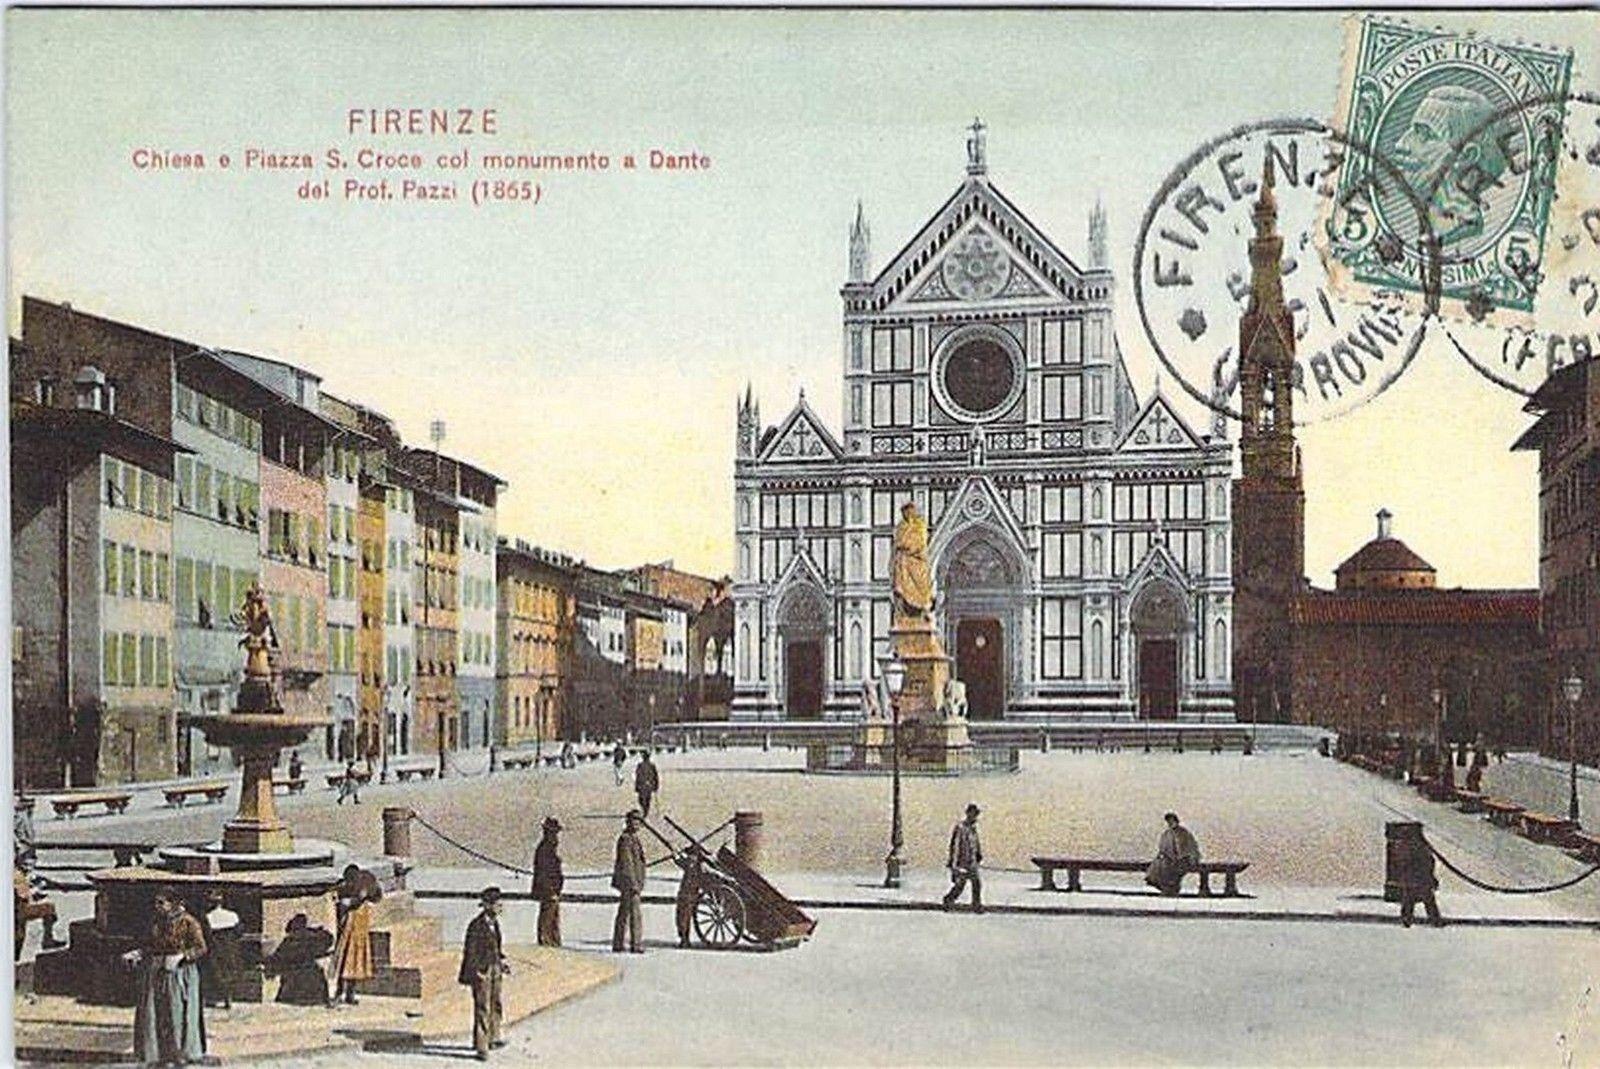 Francesco Selmi e le celebrazioni dantesche del 1865